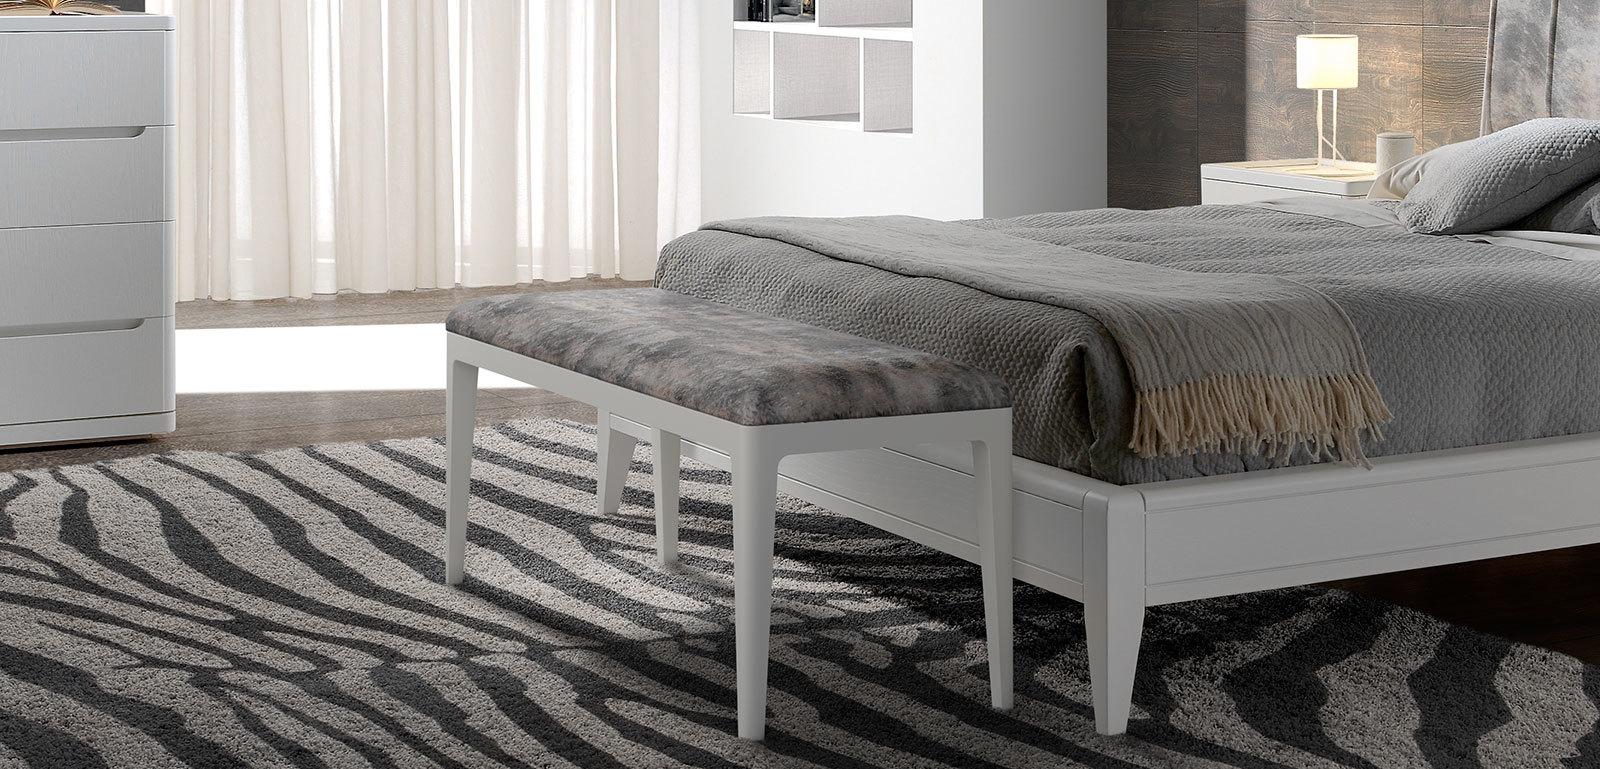 El textil en el dormitorio de matrimonio claves de estilo - Textil dormitorio ...